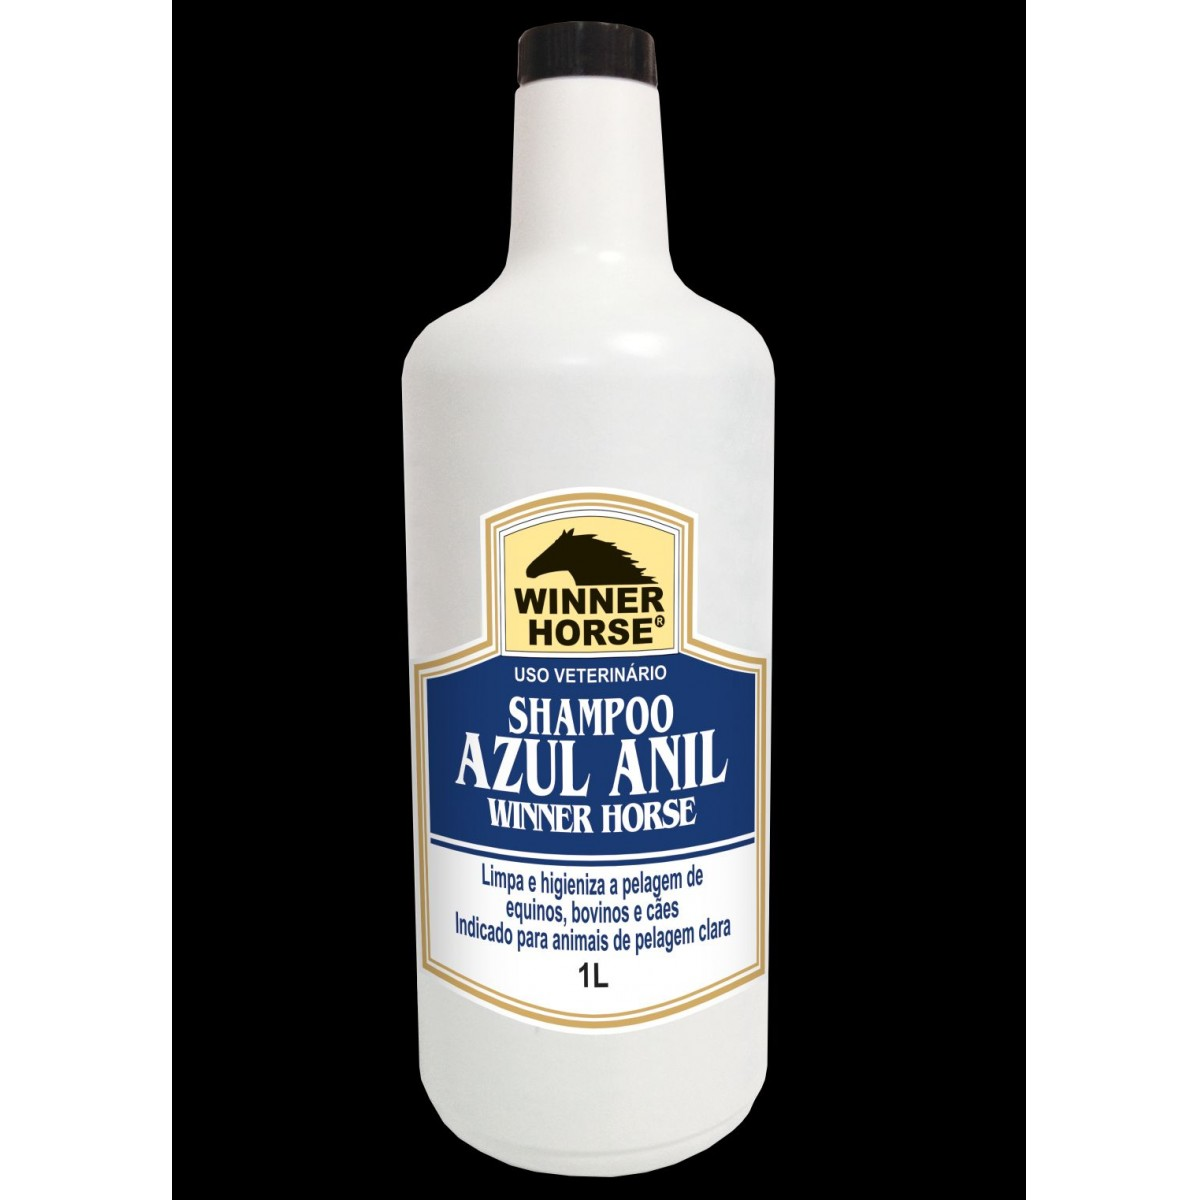 Shampoo Azul Anil